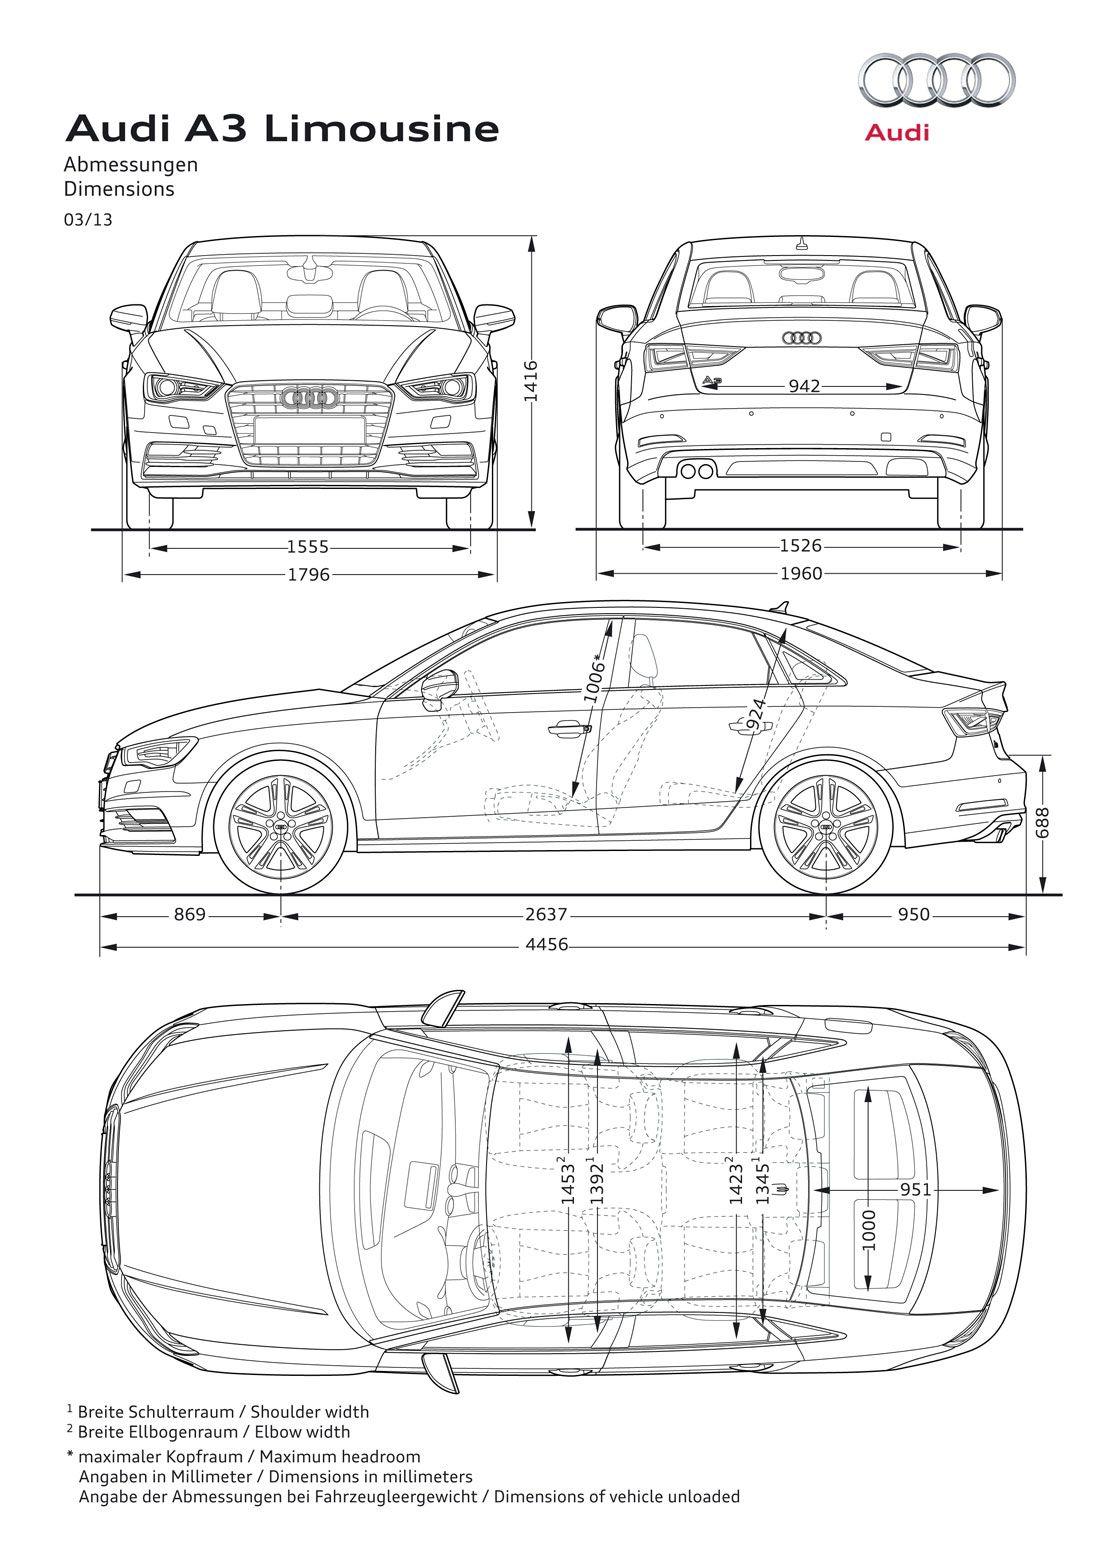 Audi S3 Sedan 03/13 | Blueprints | Pinterest